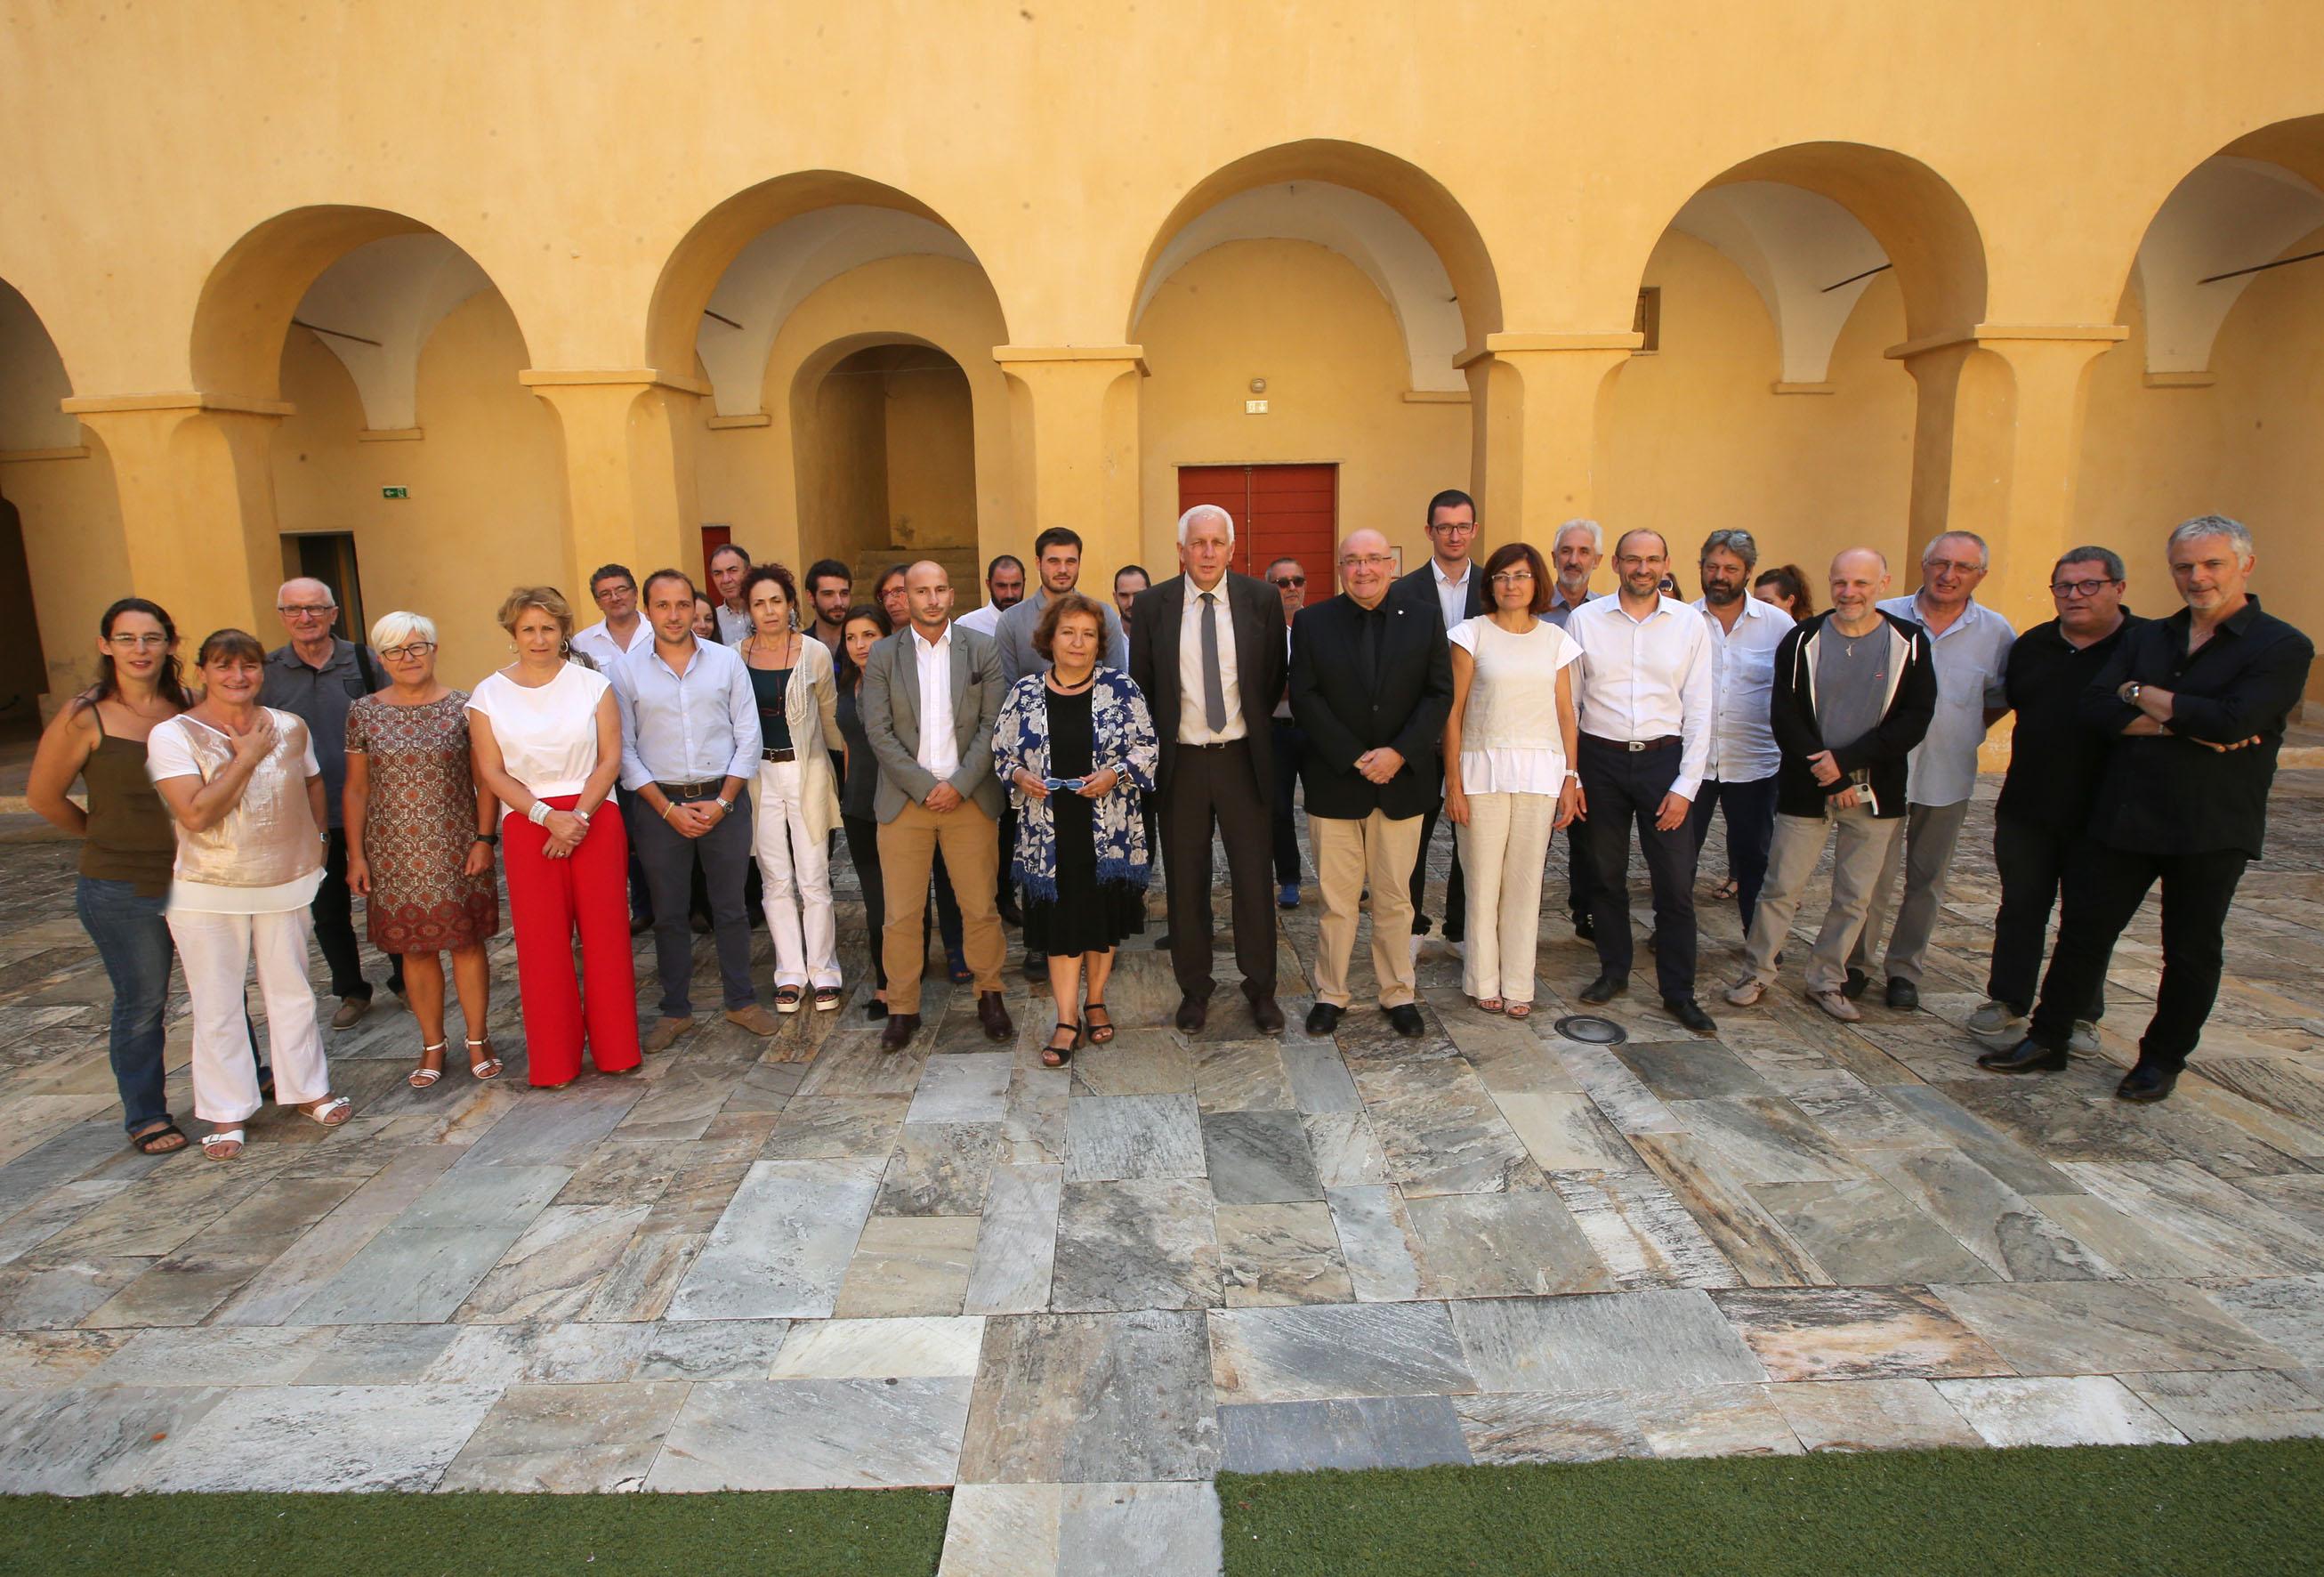 en présence de M. Patxi Baztarrika, vice-Ministre de la langue du Gouvernement autonome basque et de Mme Marta Xirinachs, sous-directrice des politiques linguistiques auprès de la Generalitat de Catalogne